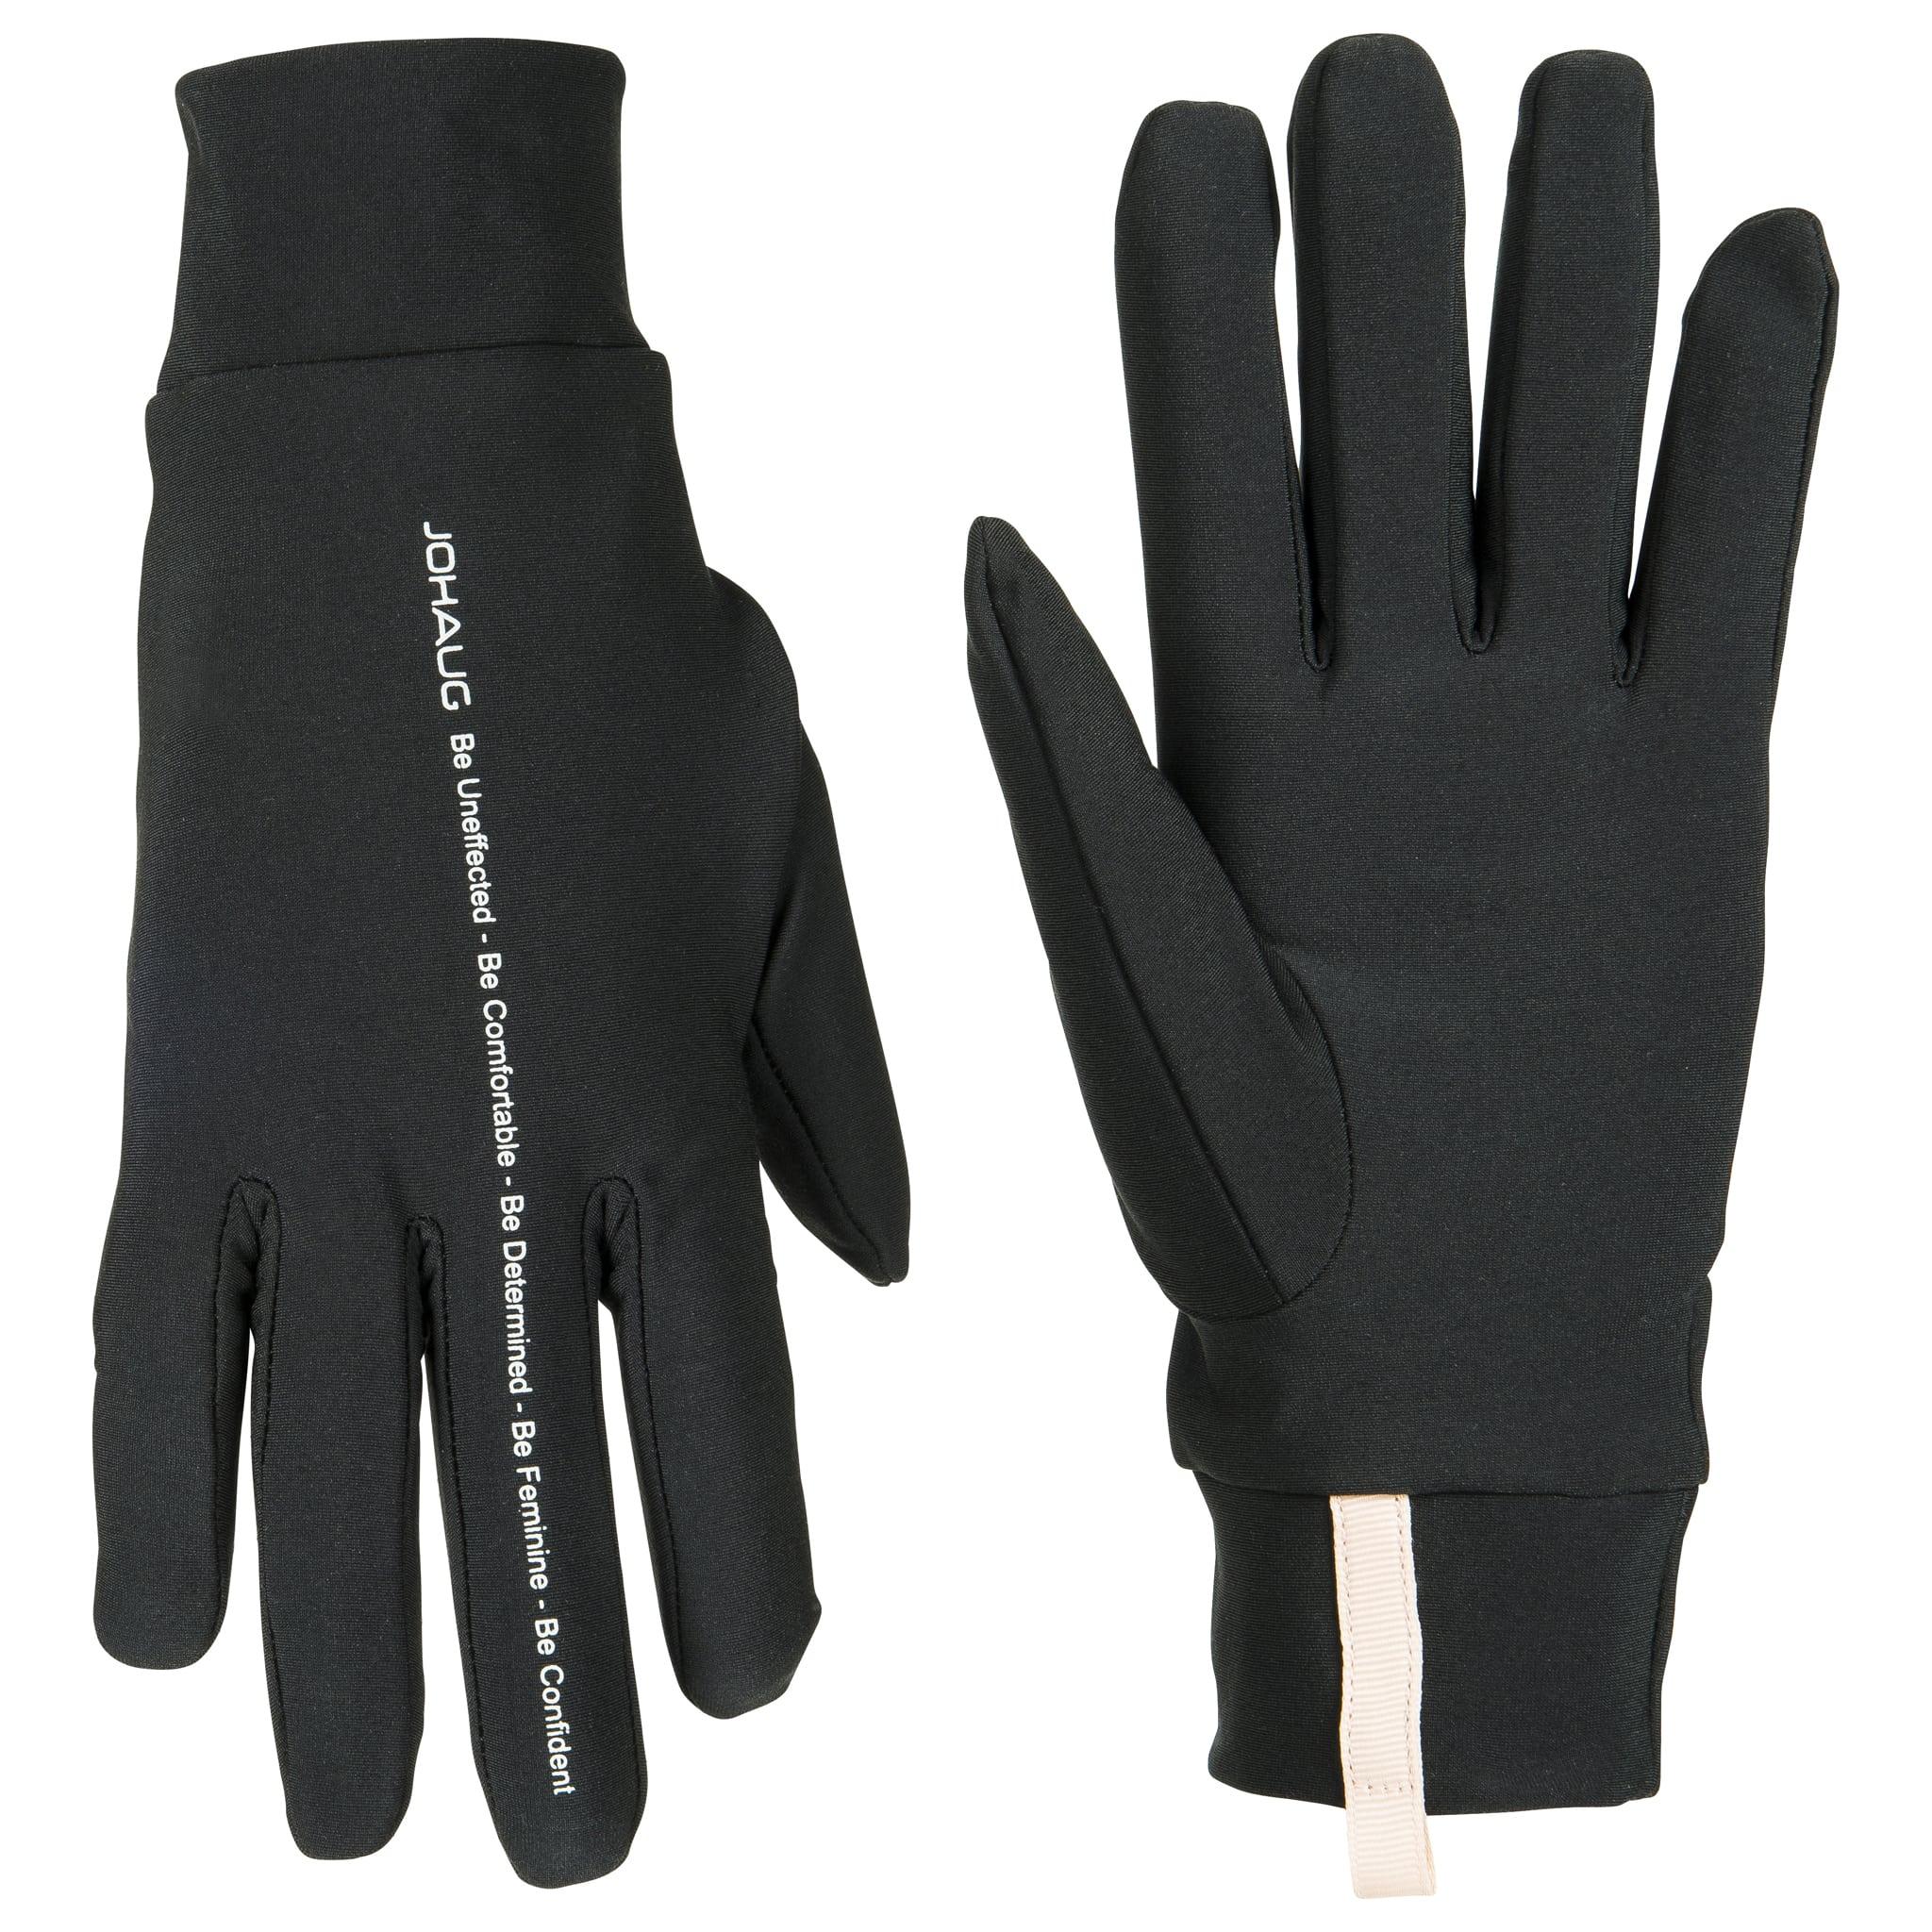 Varme og komfortable hansker